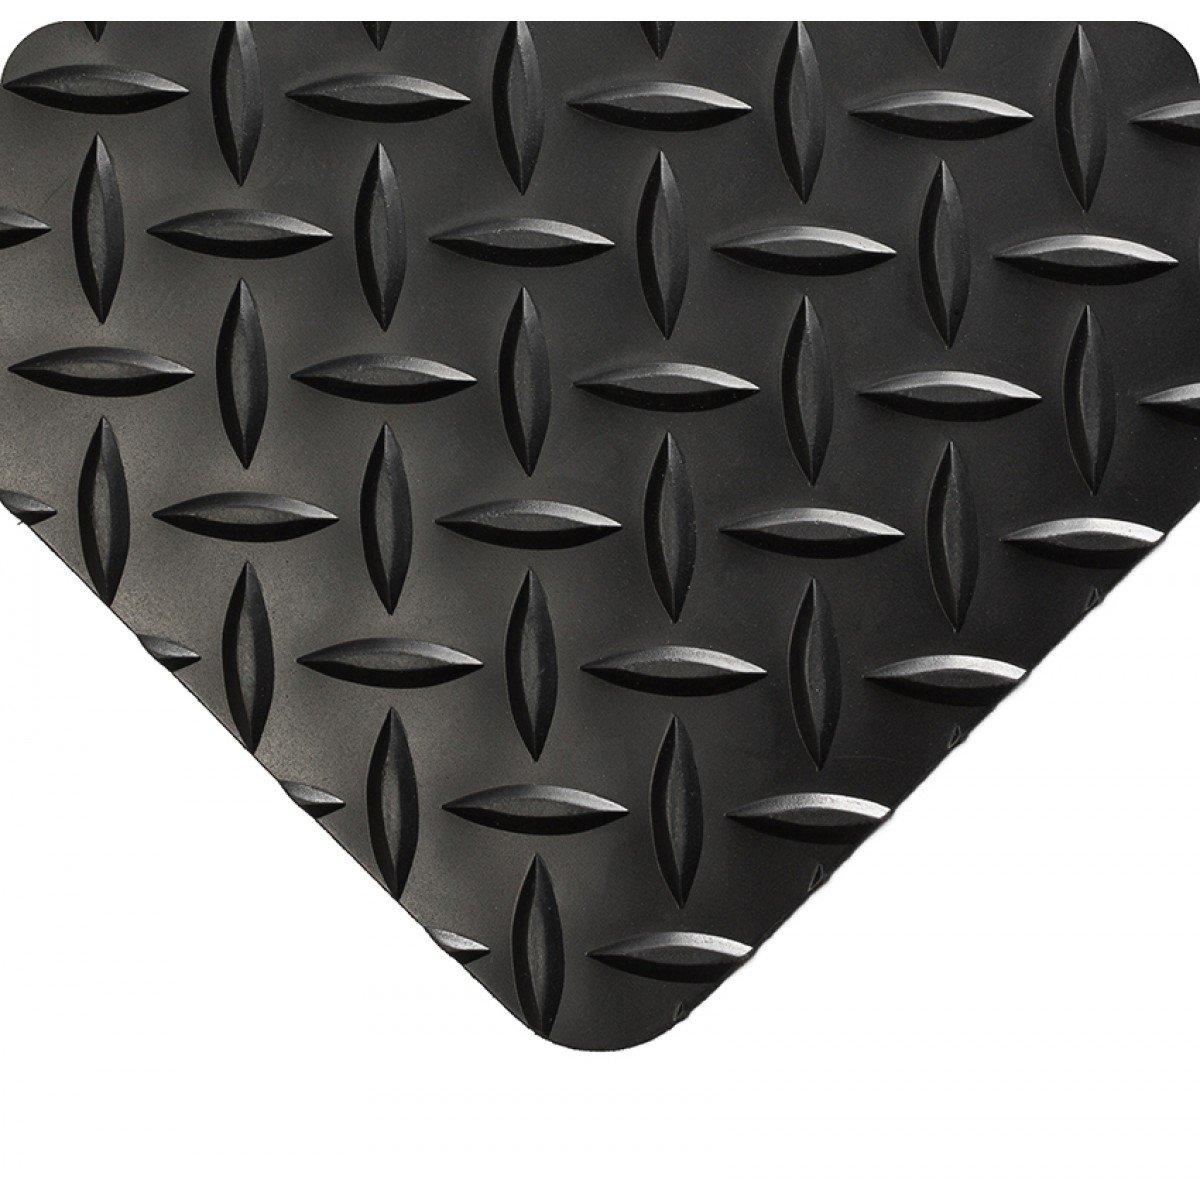 Wearwell 385.316x4x6BK Diamond-Plate Runner Mat, 6' Length x 4' Width x 3/16'' Thick, Black